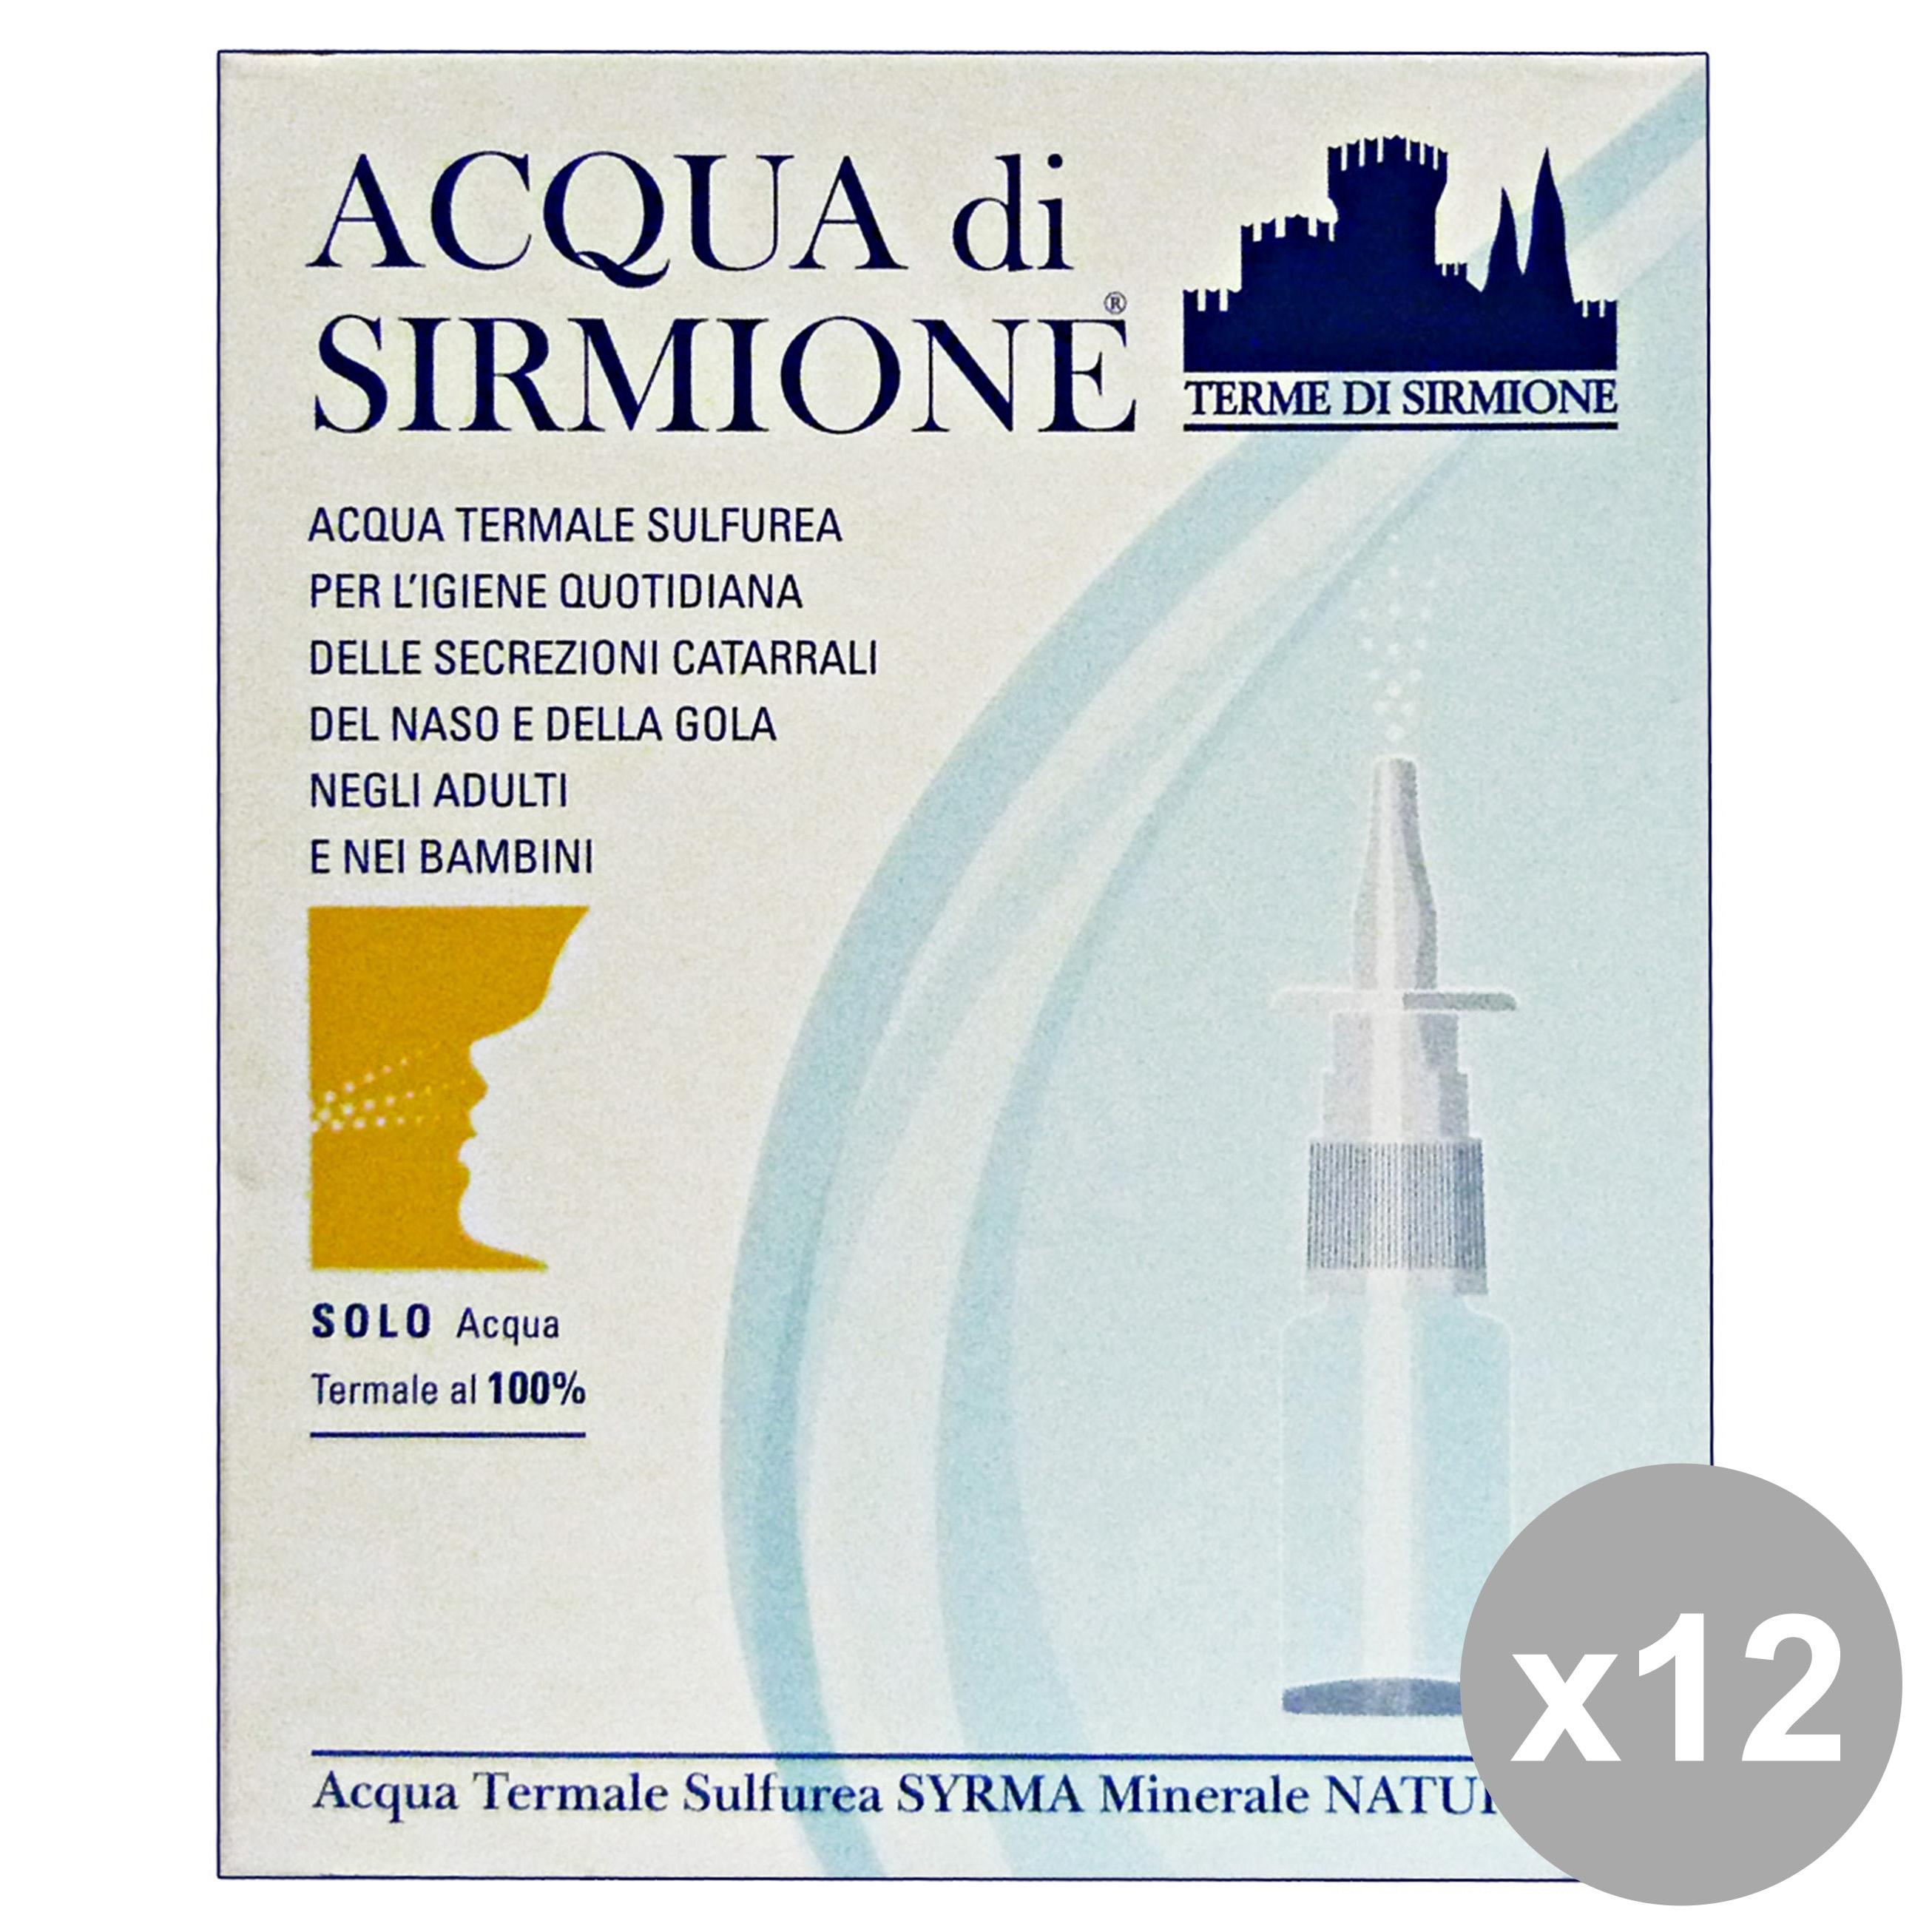 Acquista Acqua Sirmione 12 Acqua Termale 17545189   Glooke.com